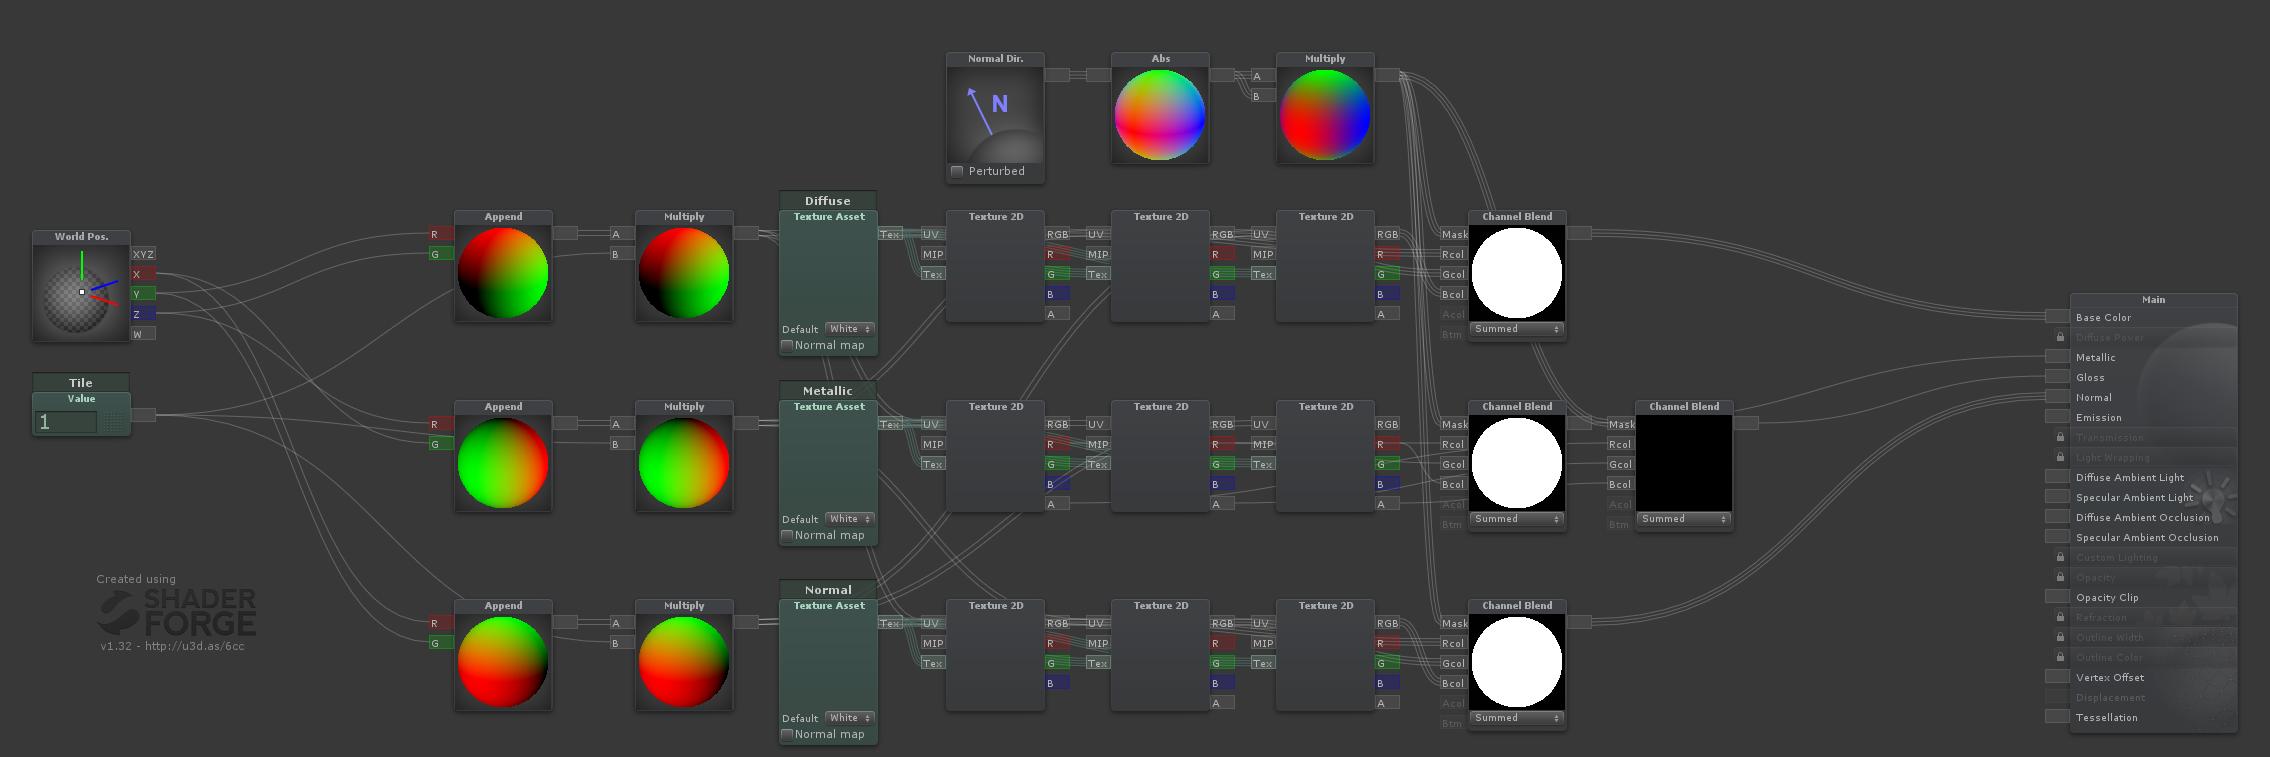 Shader Forge - A visual, node-based shader editor | Page 113 - Unity